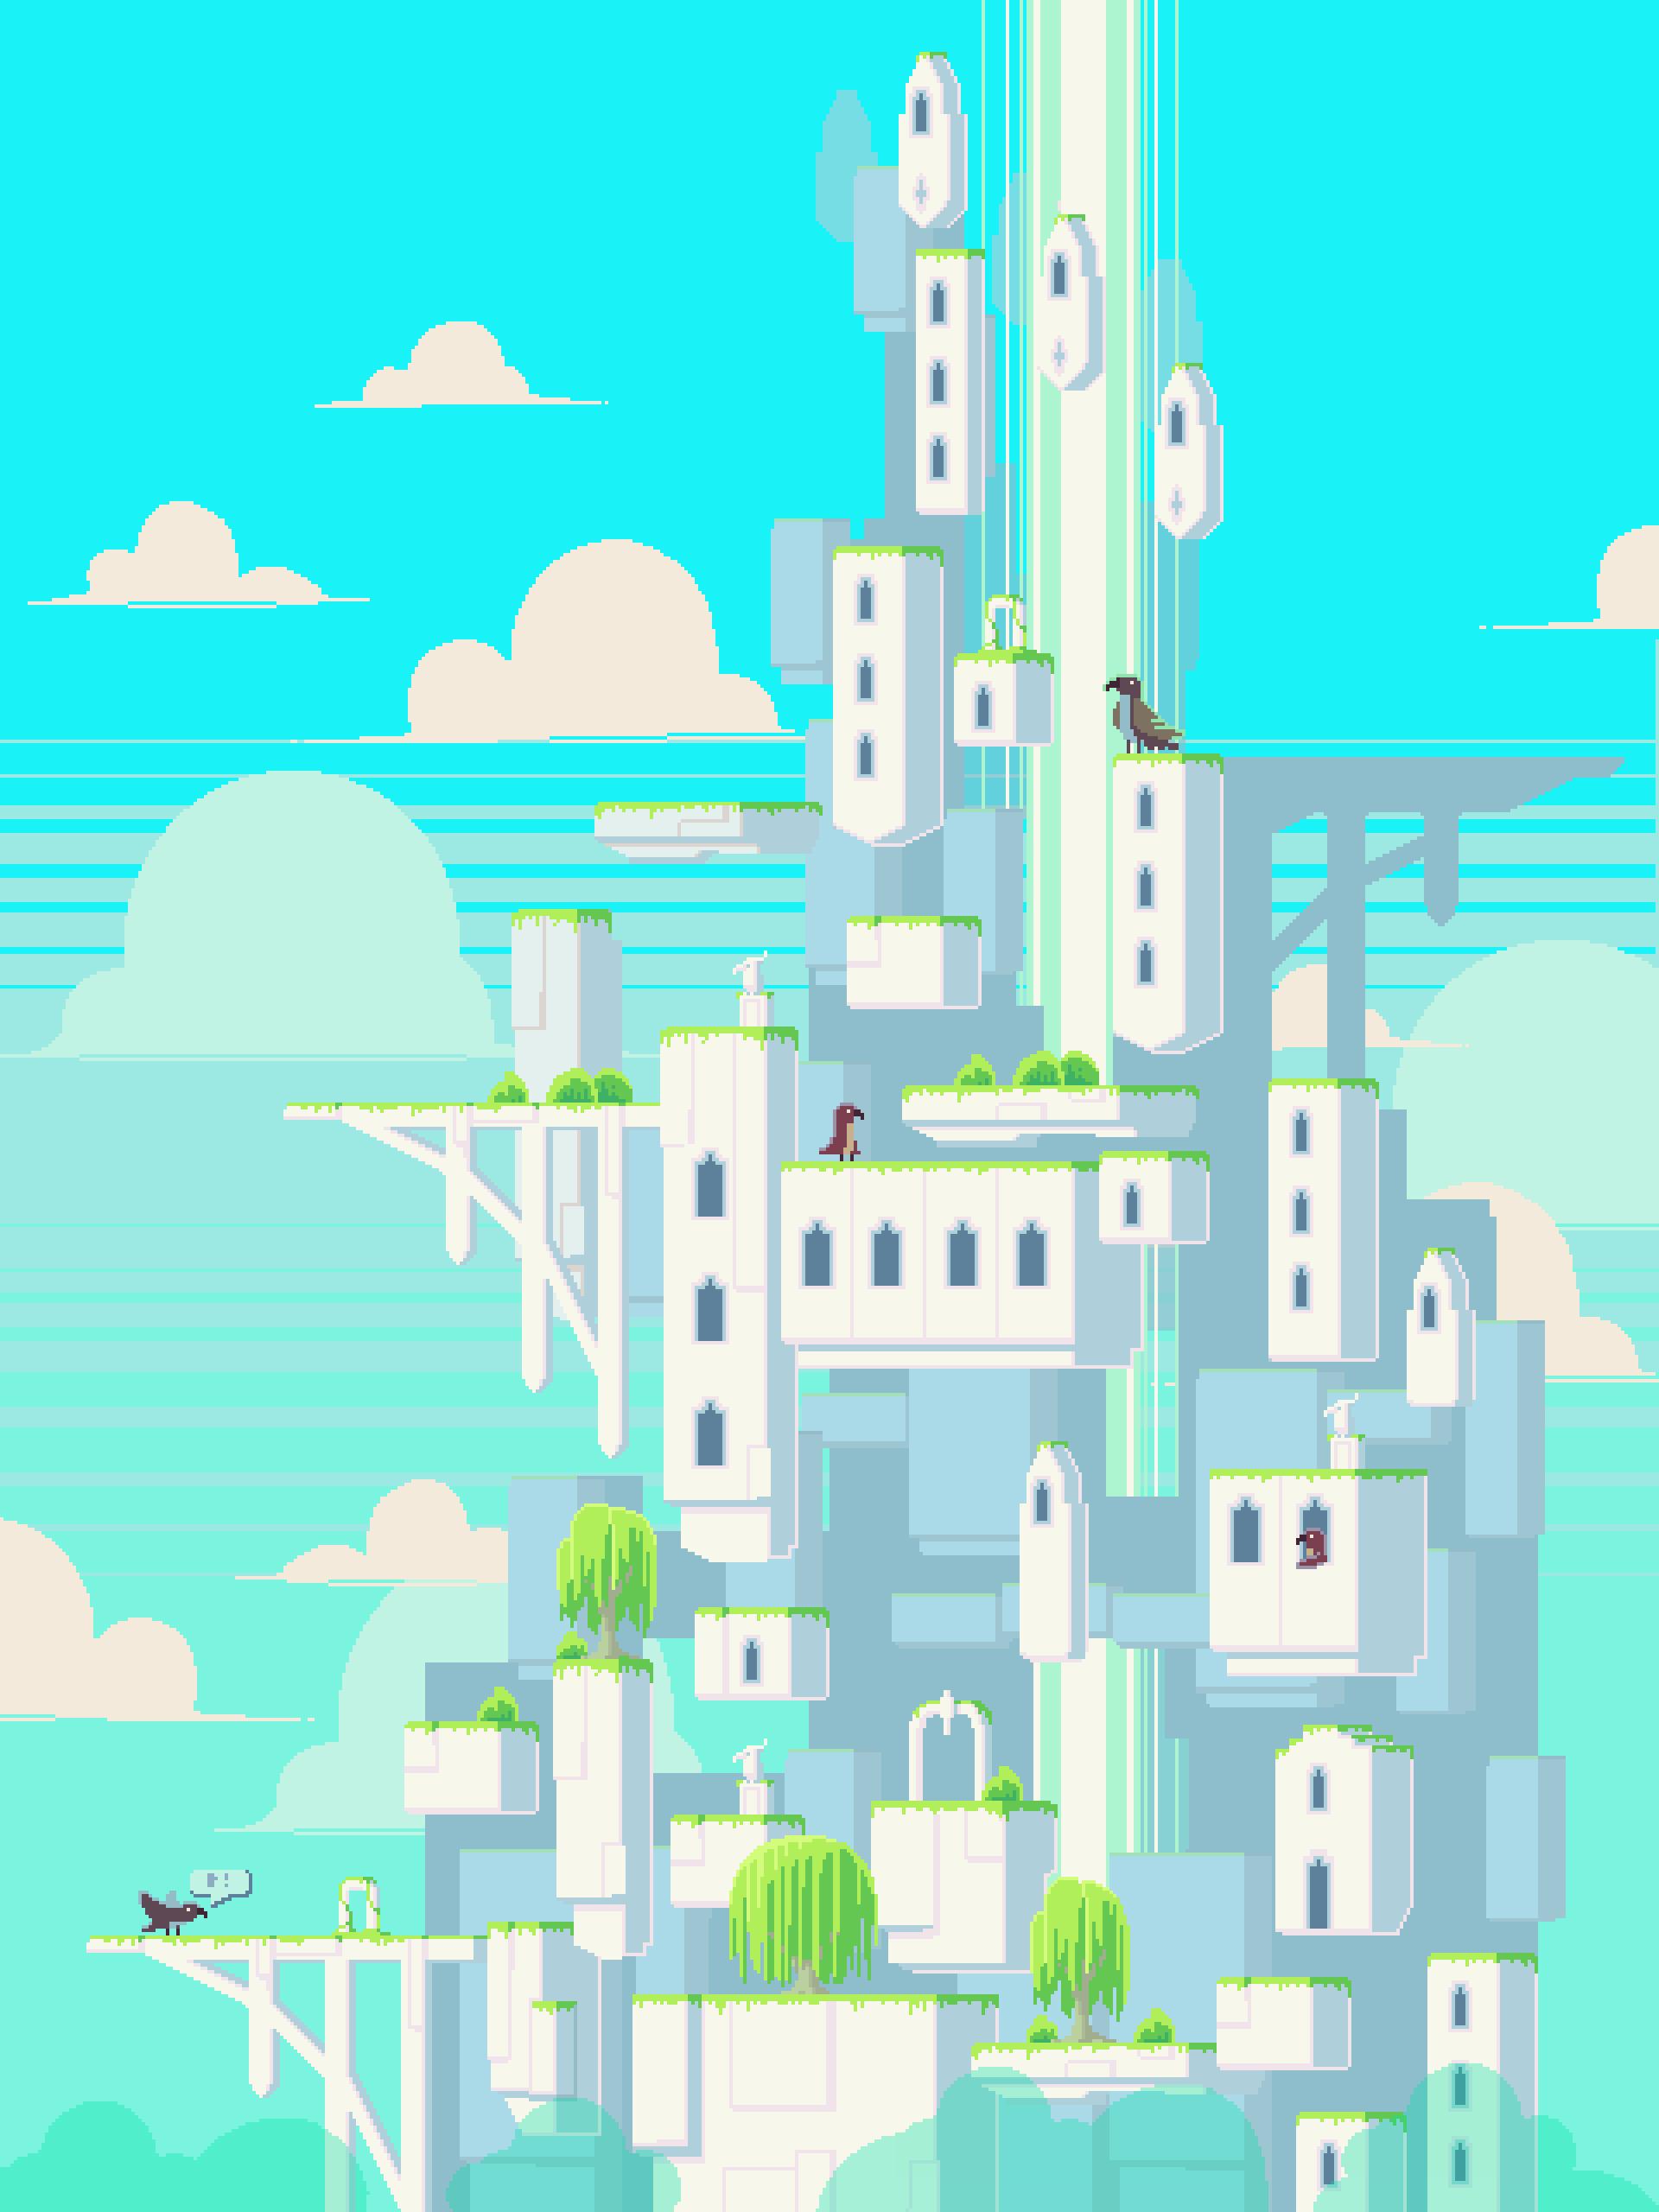 2D Platformer